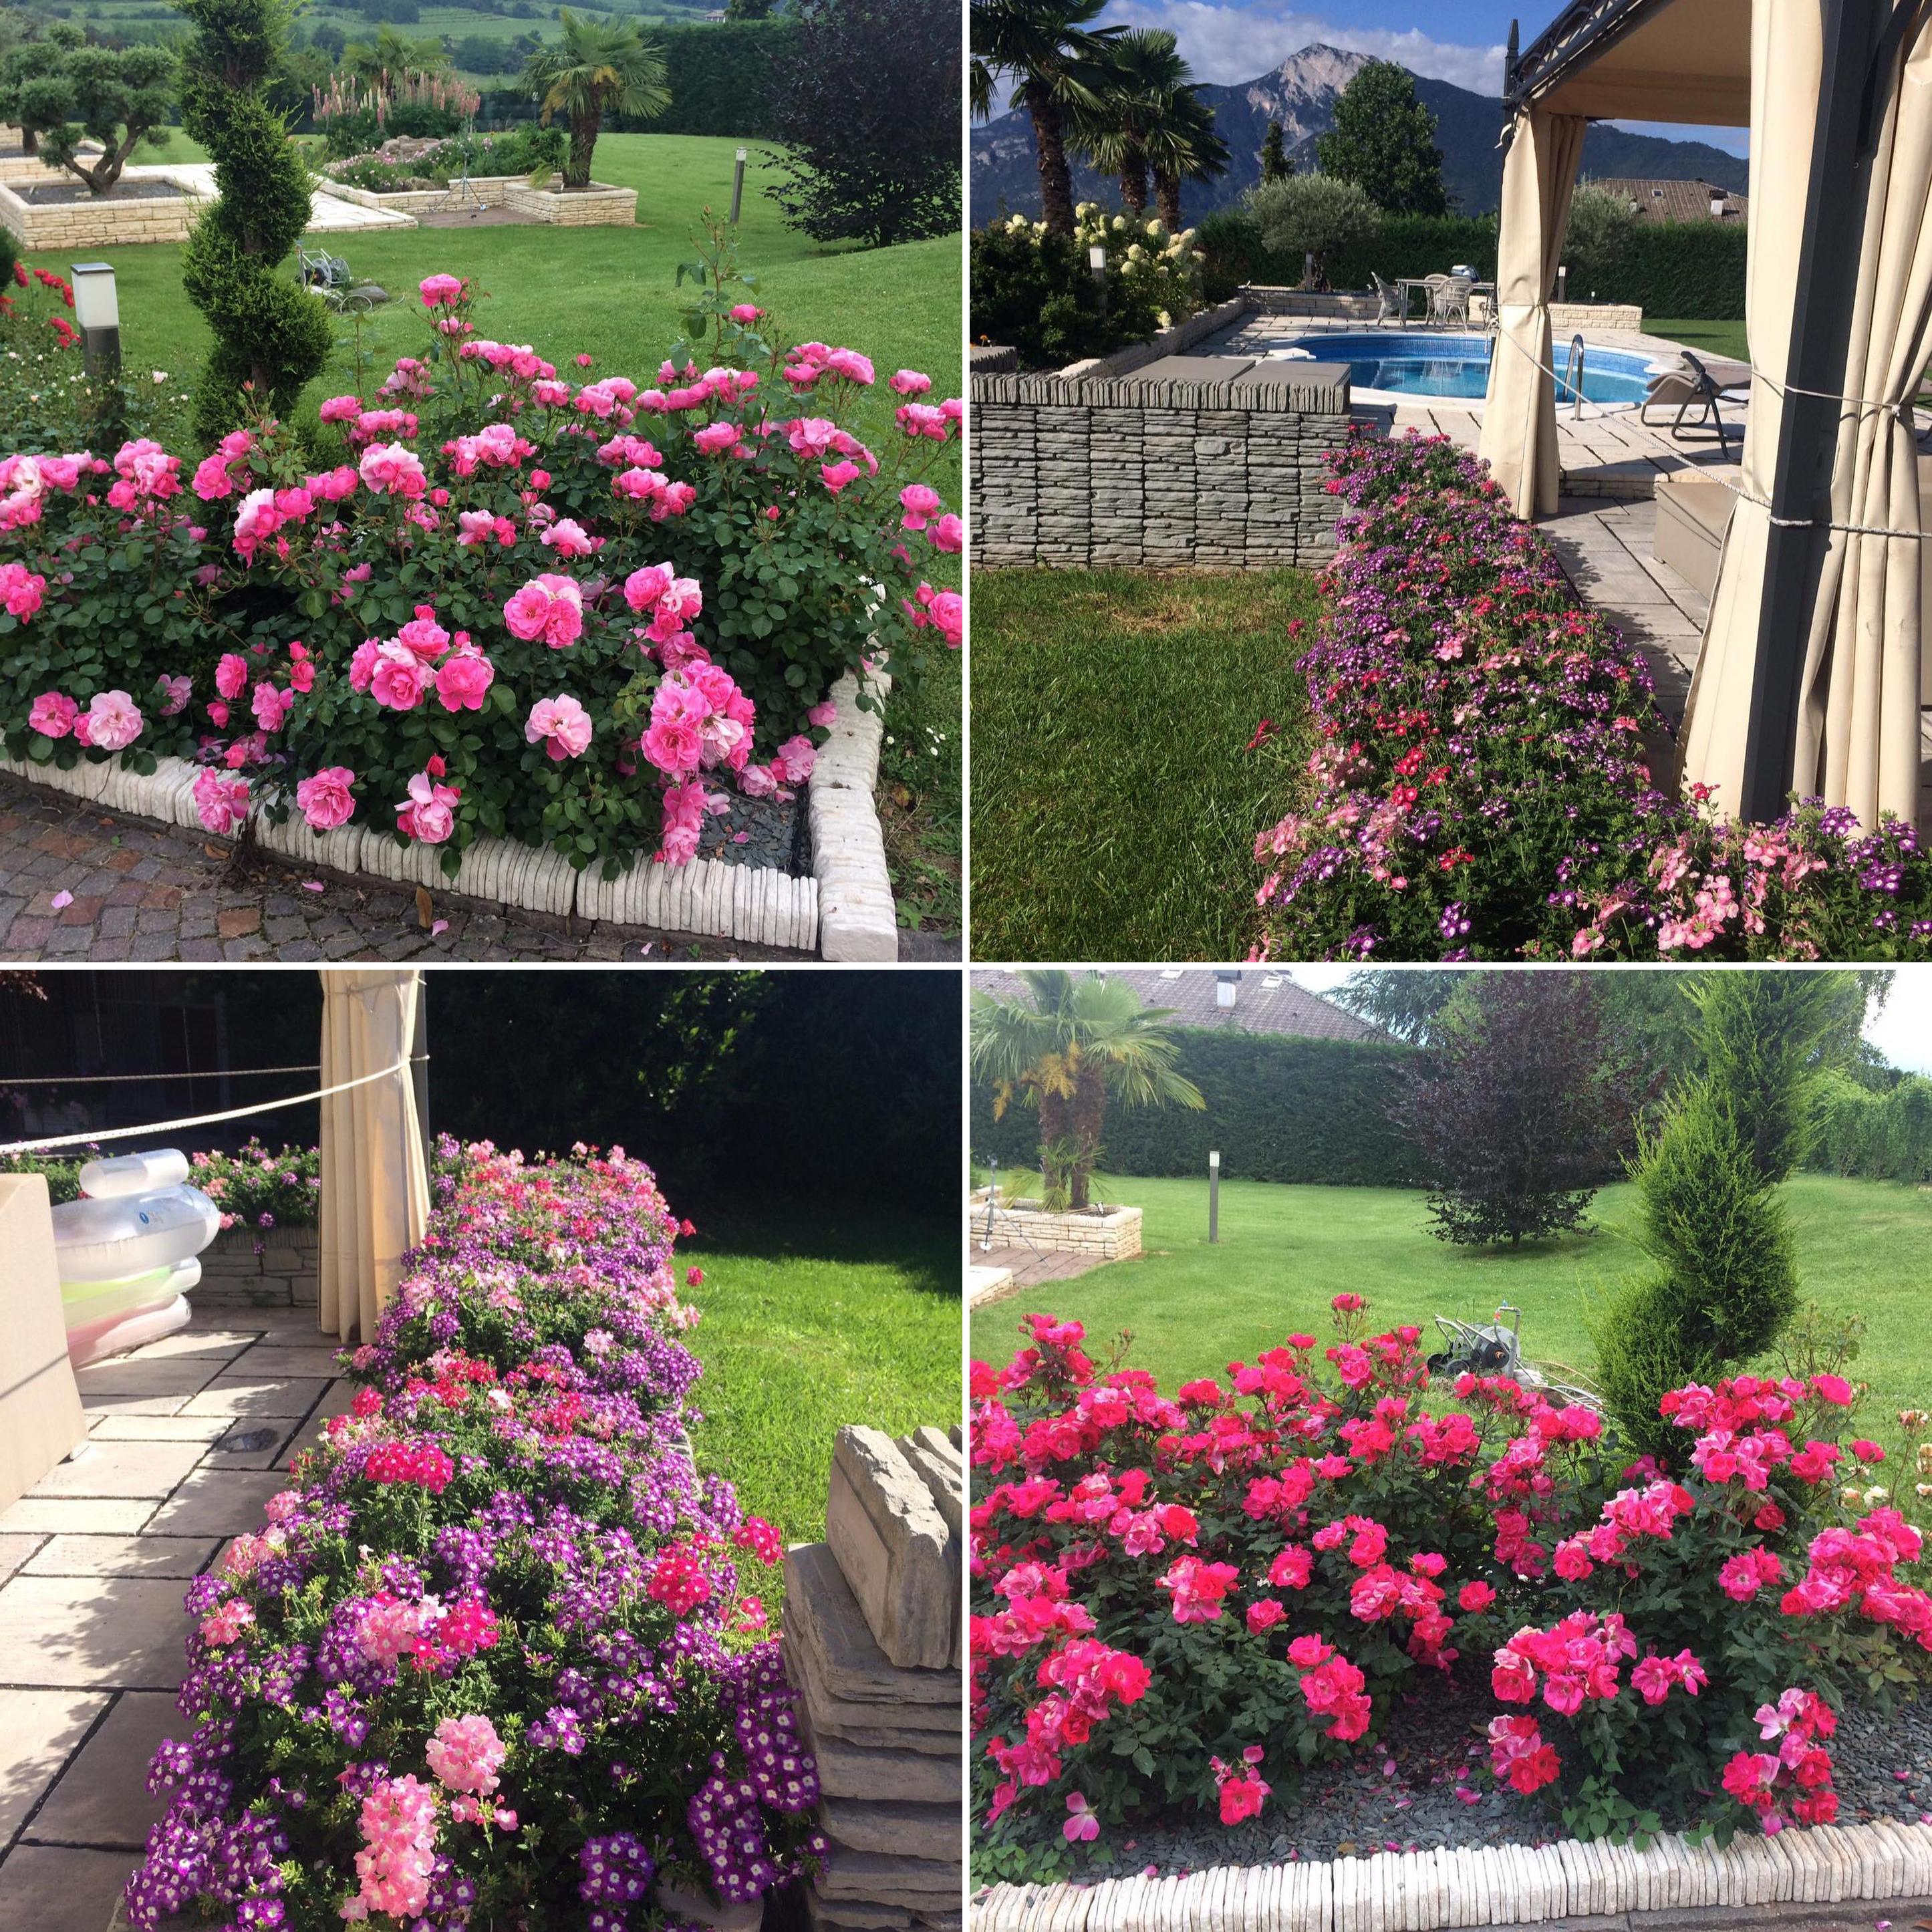 Un giardino che abbiamo realizzato alcuni anni fa ma che continua a vivere rigoglioso. Queste sono grandissime soddisfazioni!!!